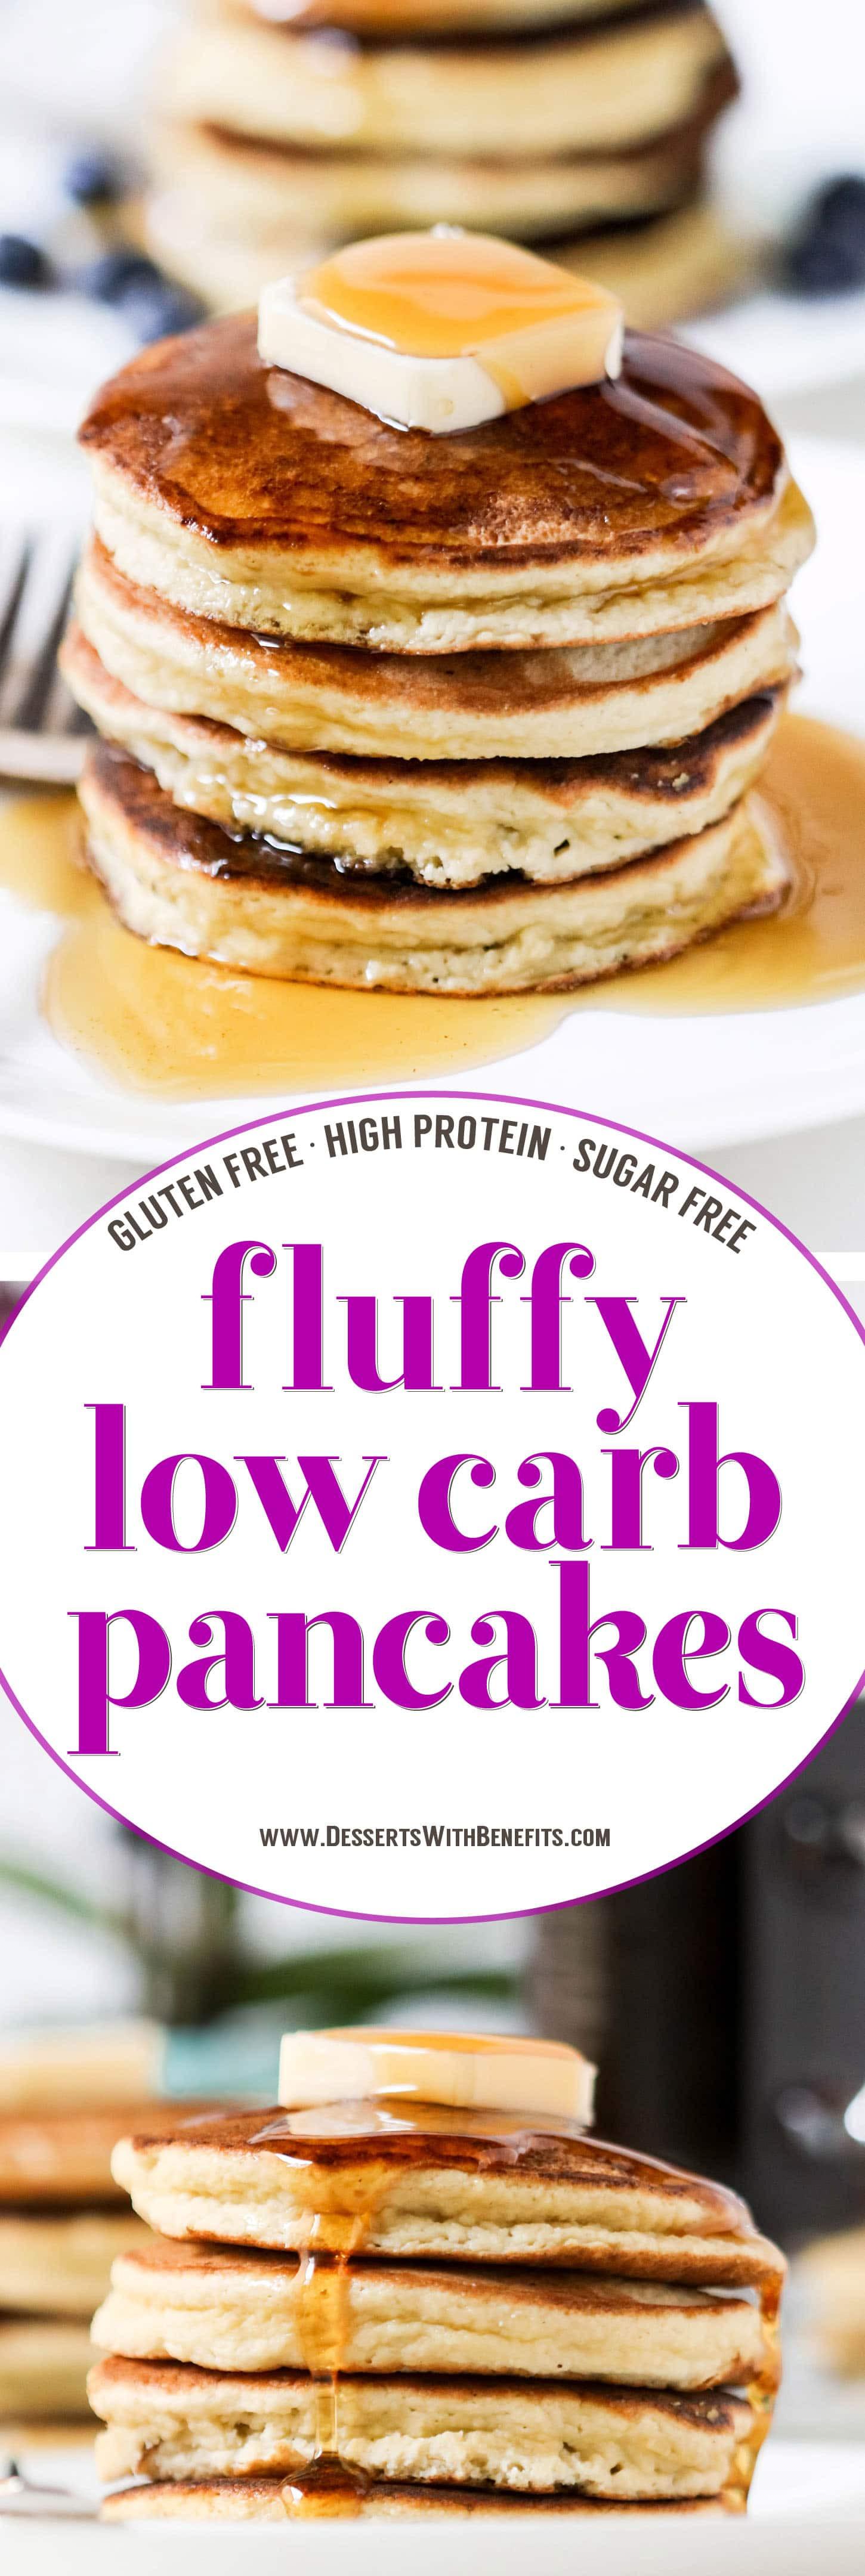 Low Carb Coconut Flour Pancakes  The FLUFFIEST Low Carb Coconut Flour Pancakes Reci